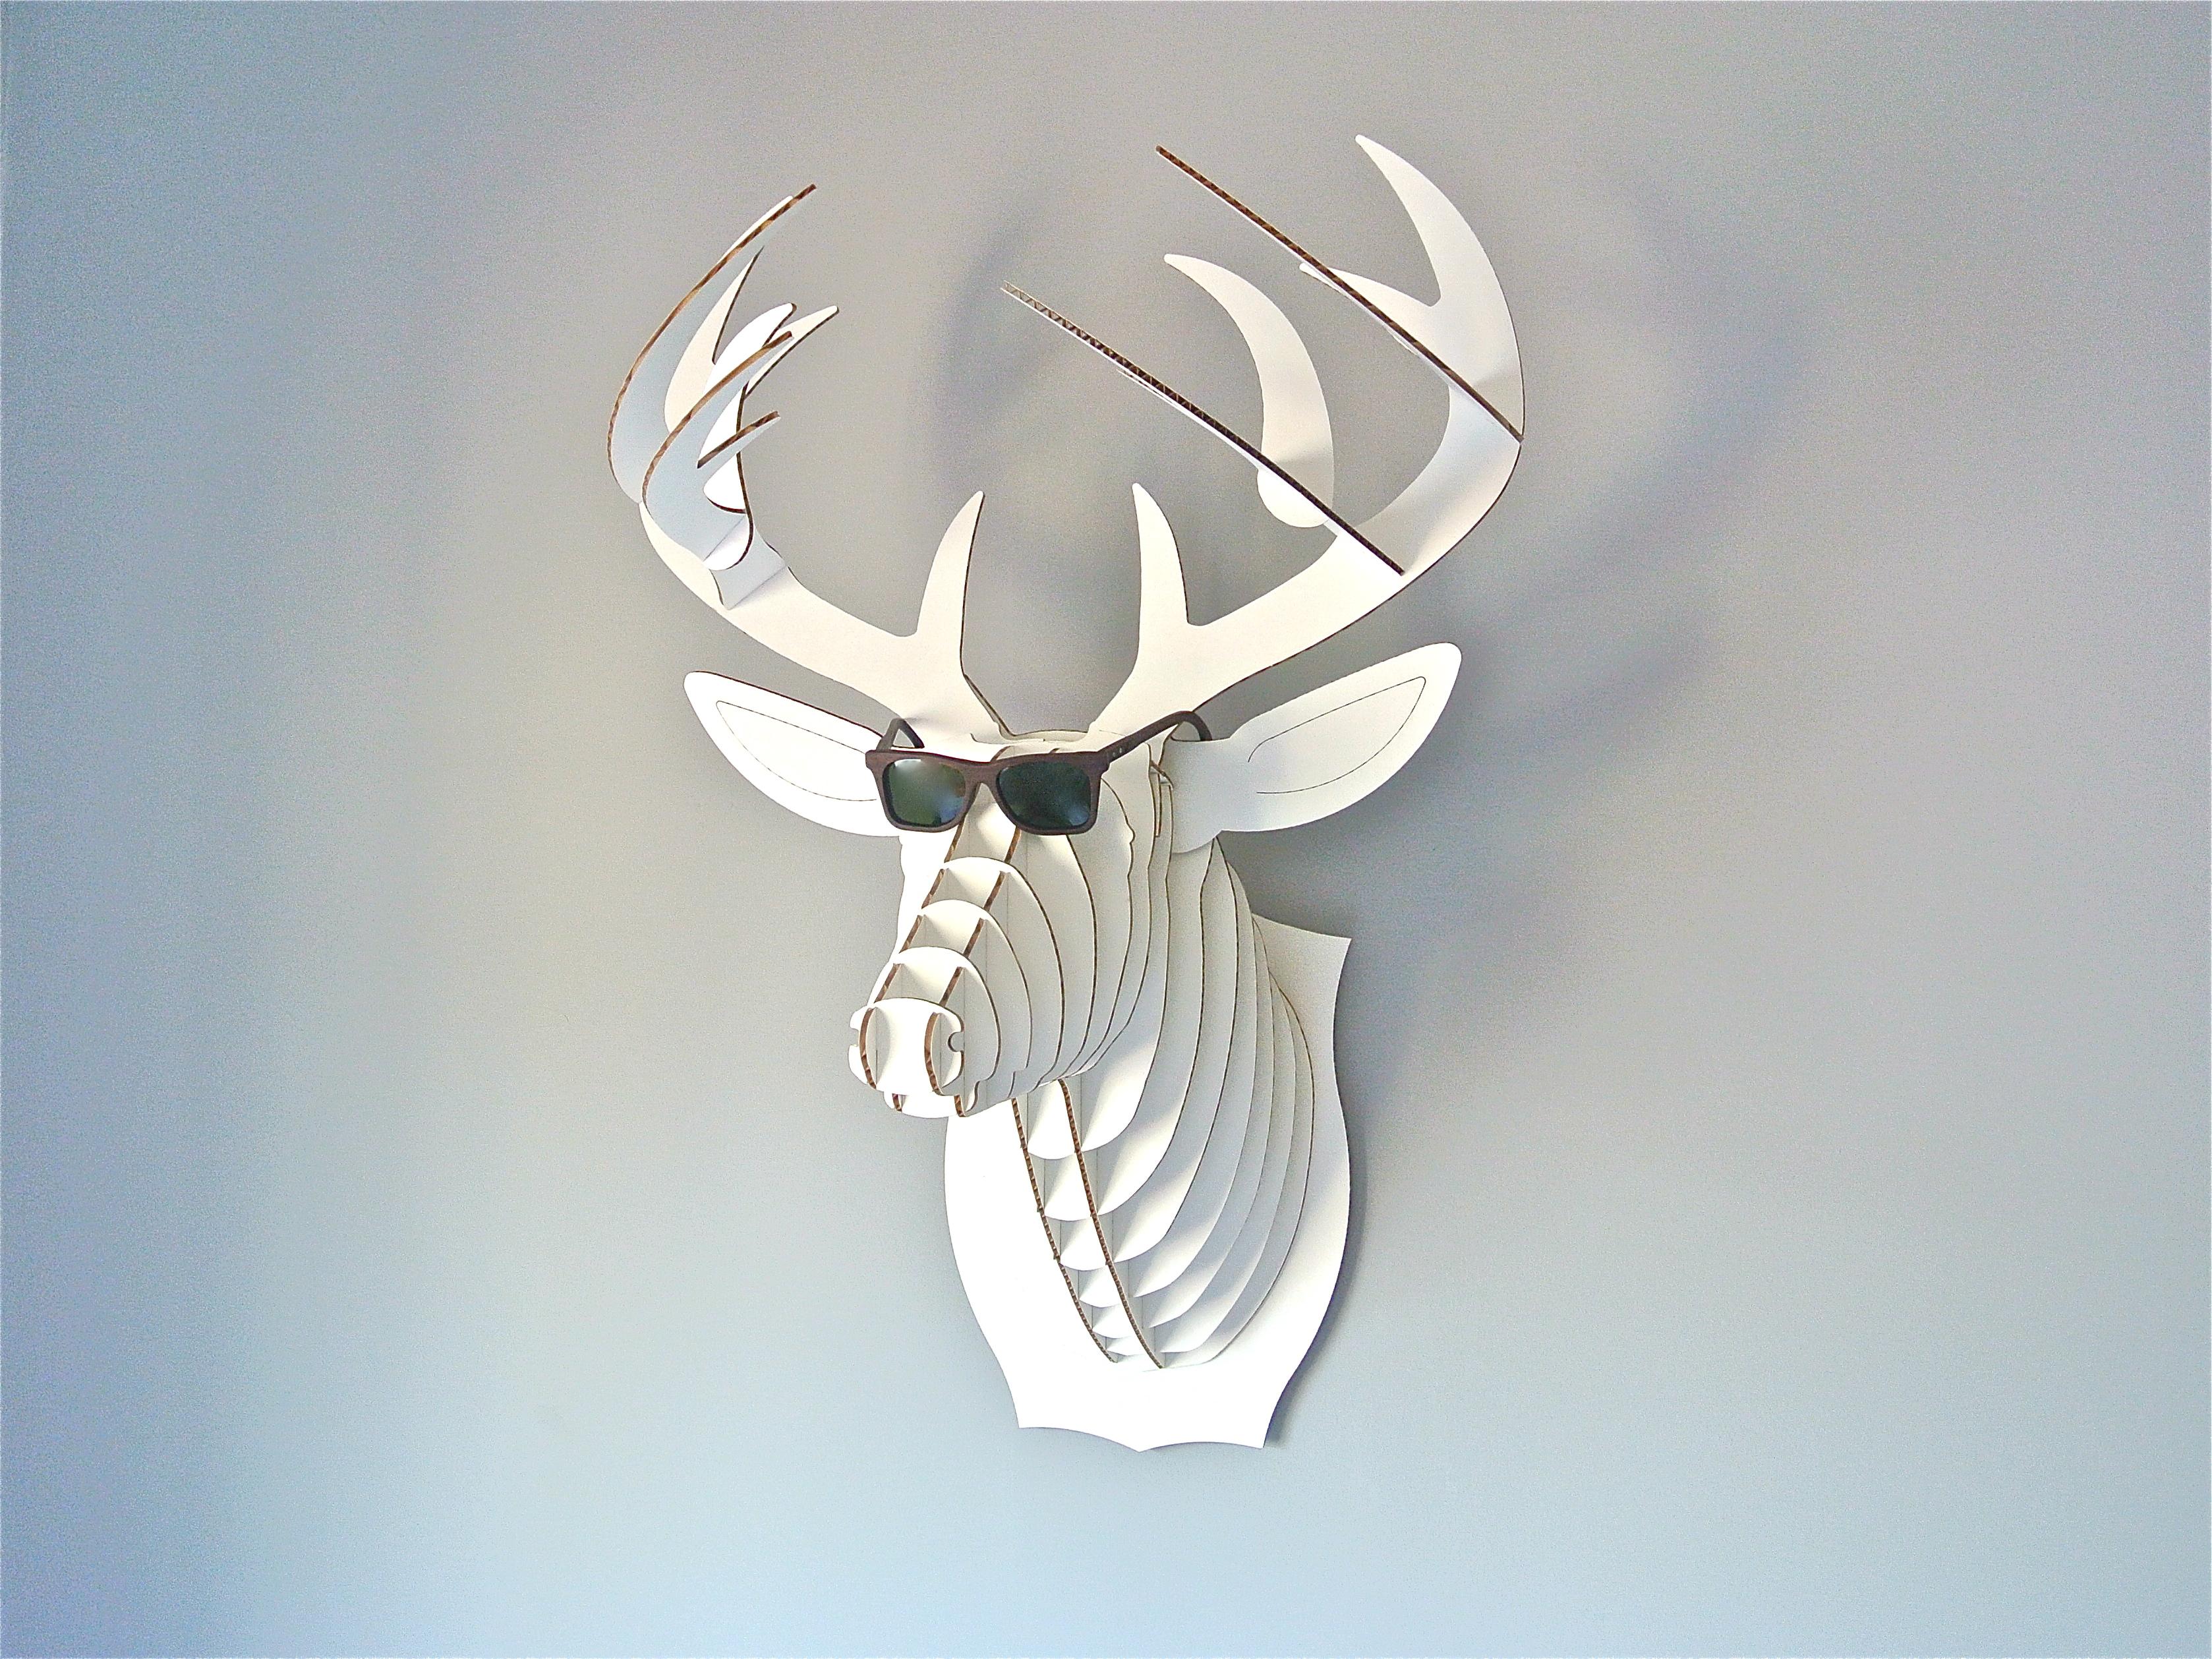 Cabeza de ciervo decoracion me lo dijo lola for Cabeza de ciervo